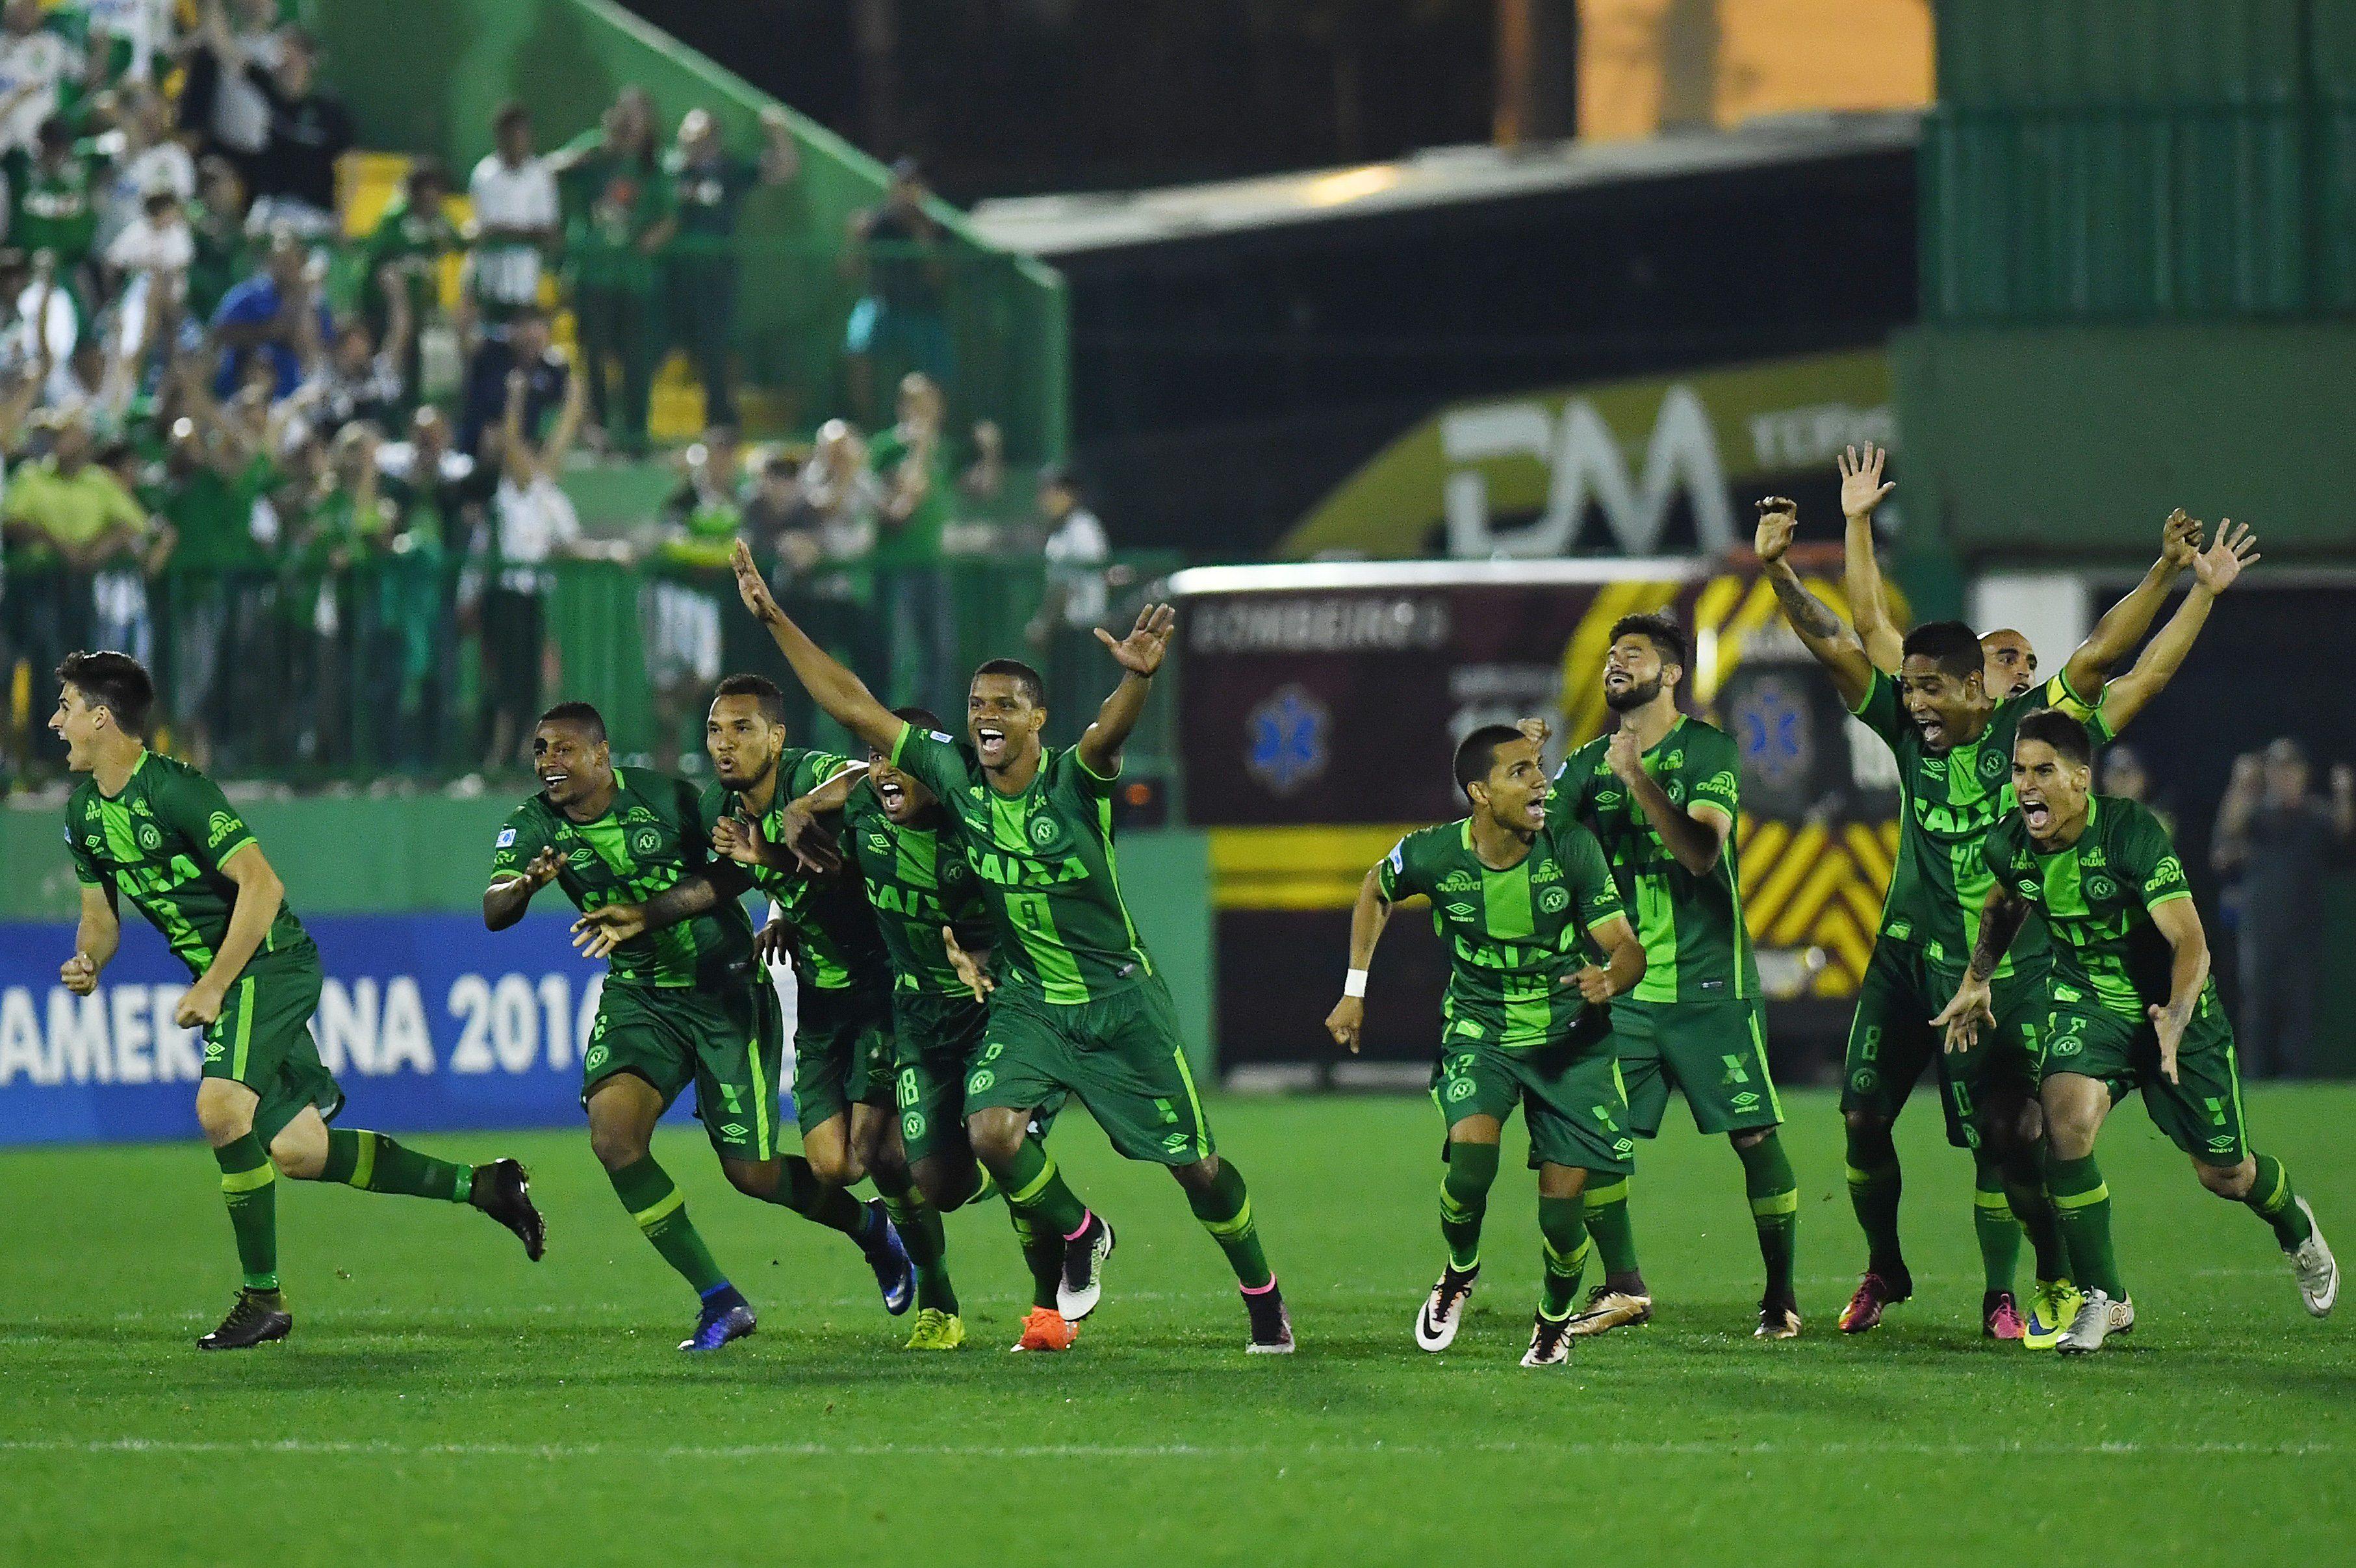 Tras eliminarlo de la Sudamericana, Chapecoense se burló de Independiente